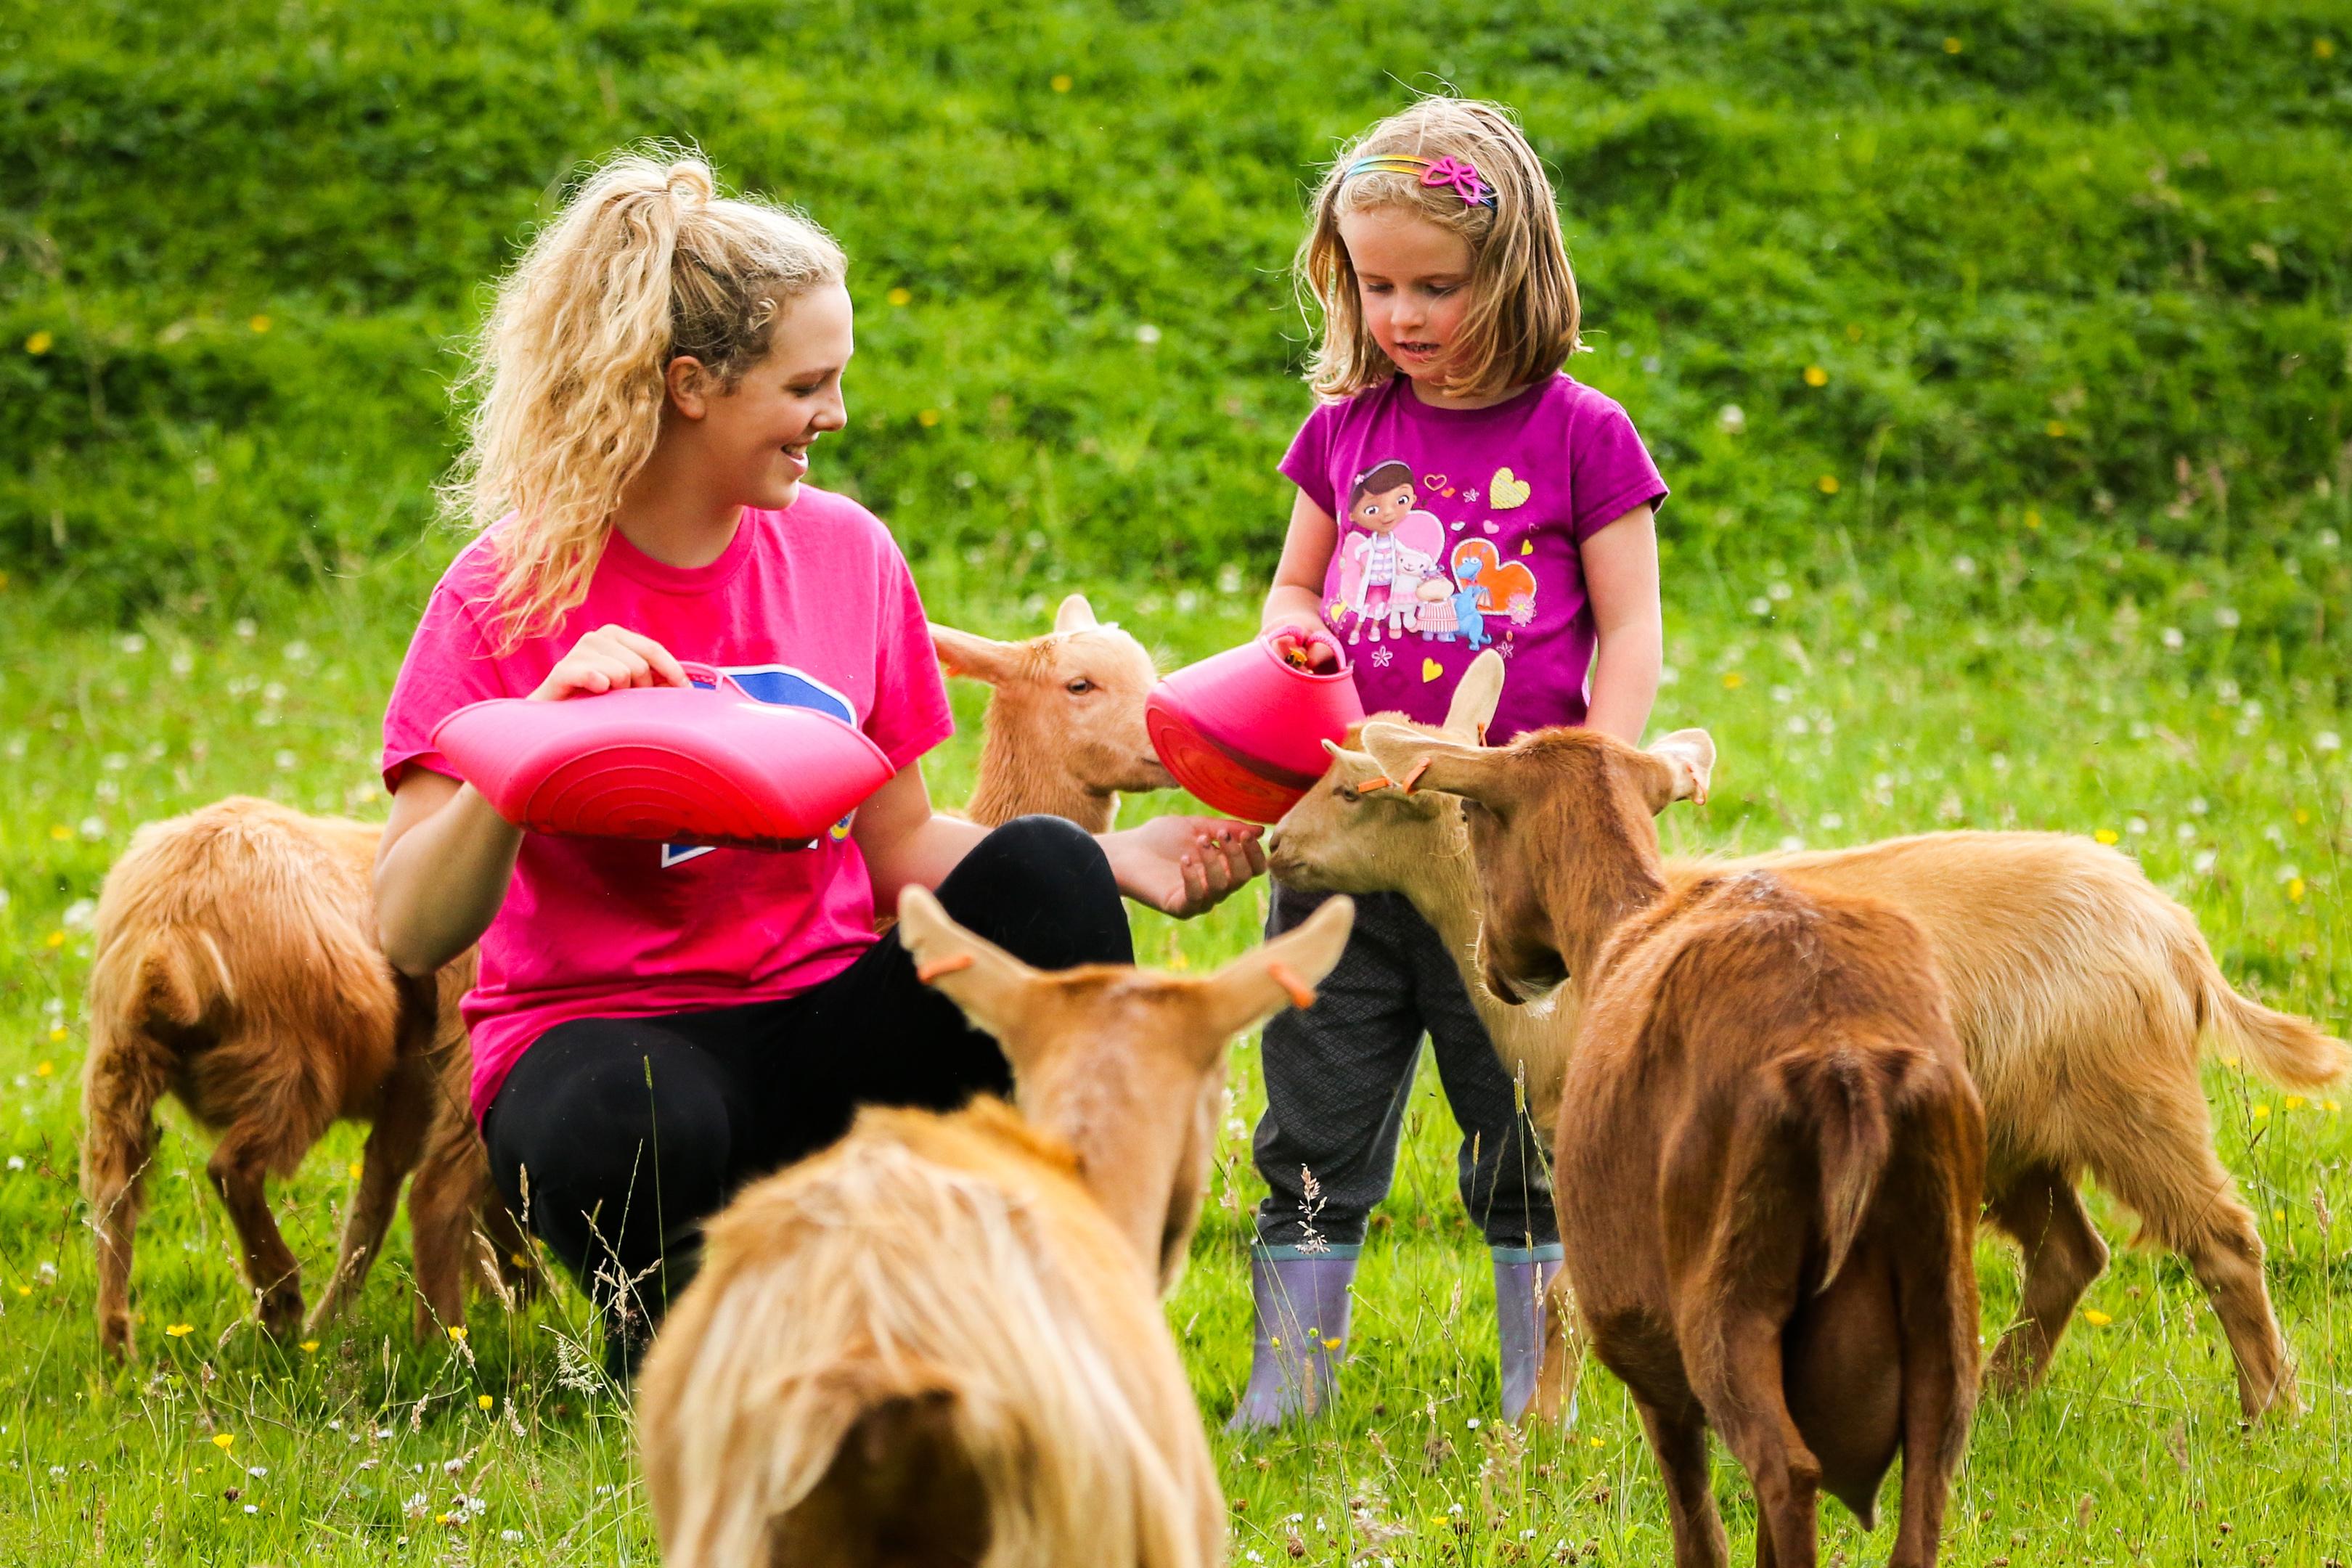 Lisa Garrett (17) and her cousin Sophie Garrett (5) feeding the Golden Guernsey goats.